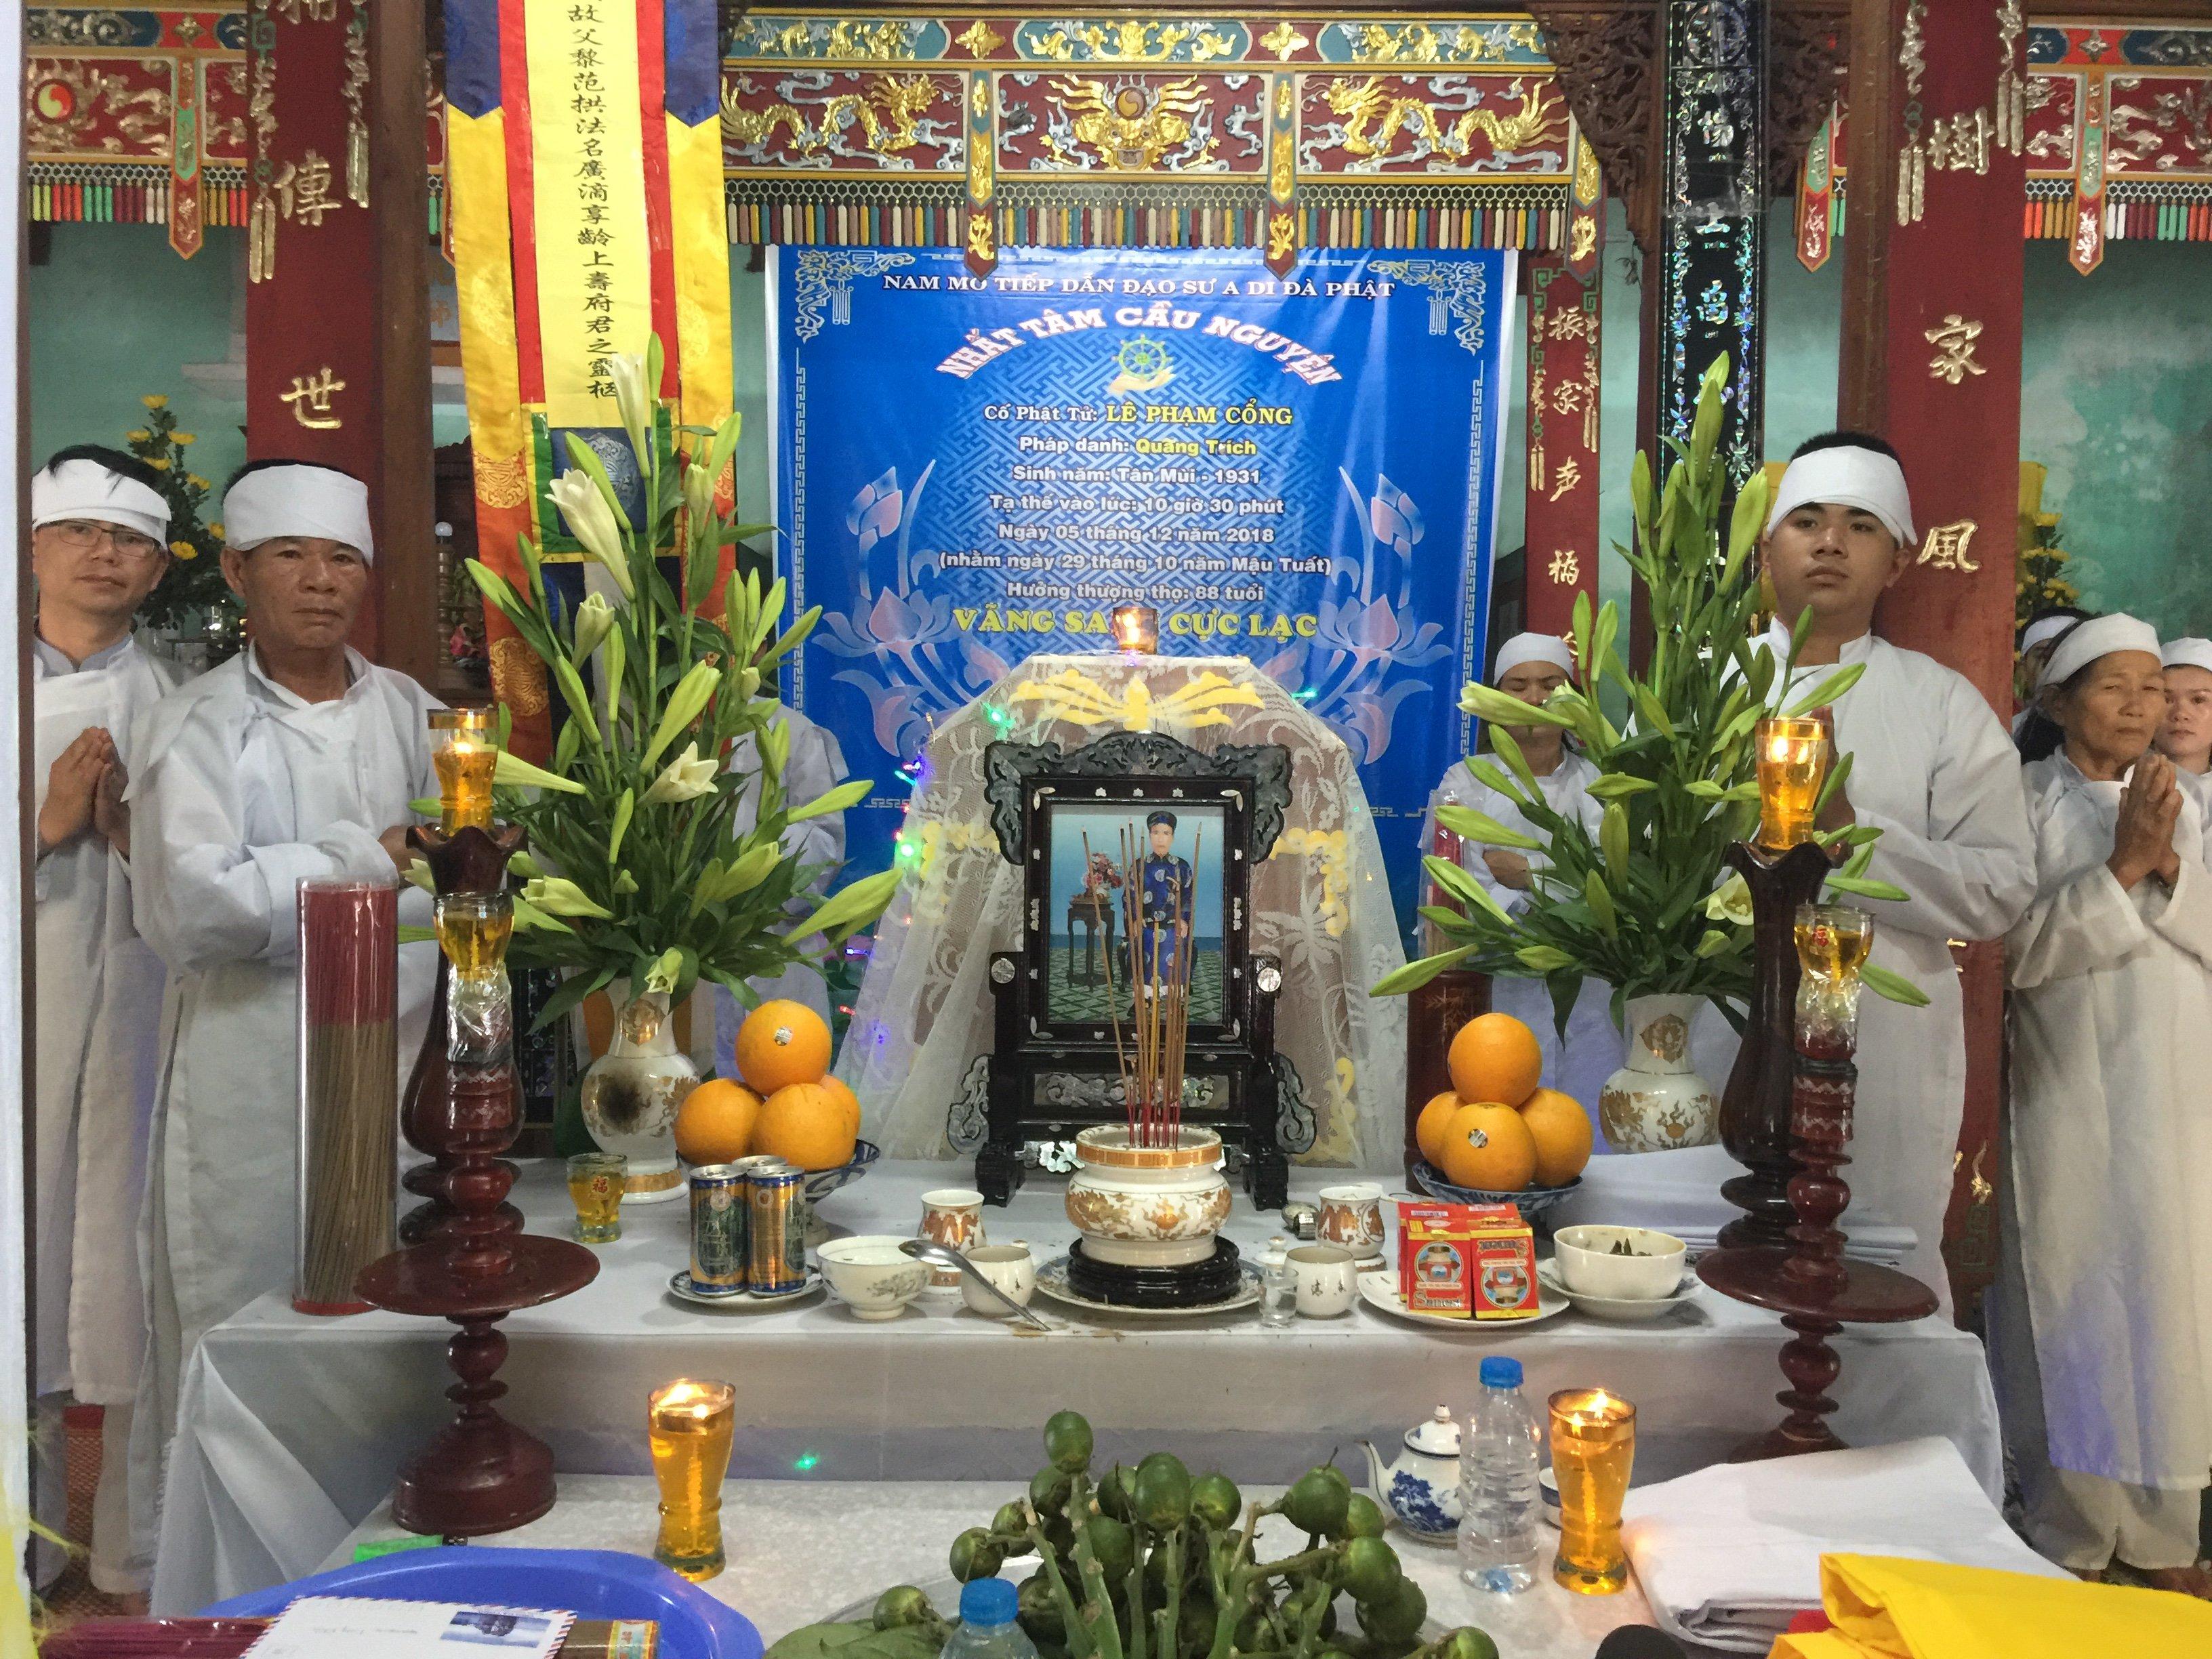 Lời cảm tạ của tang quyến ông Lê Phạm Cổng.